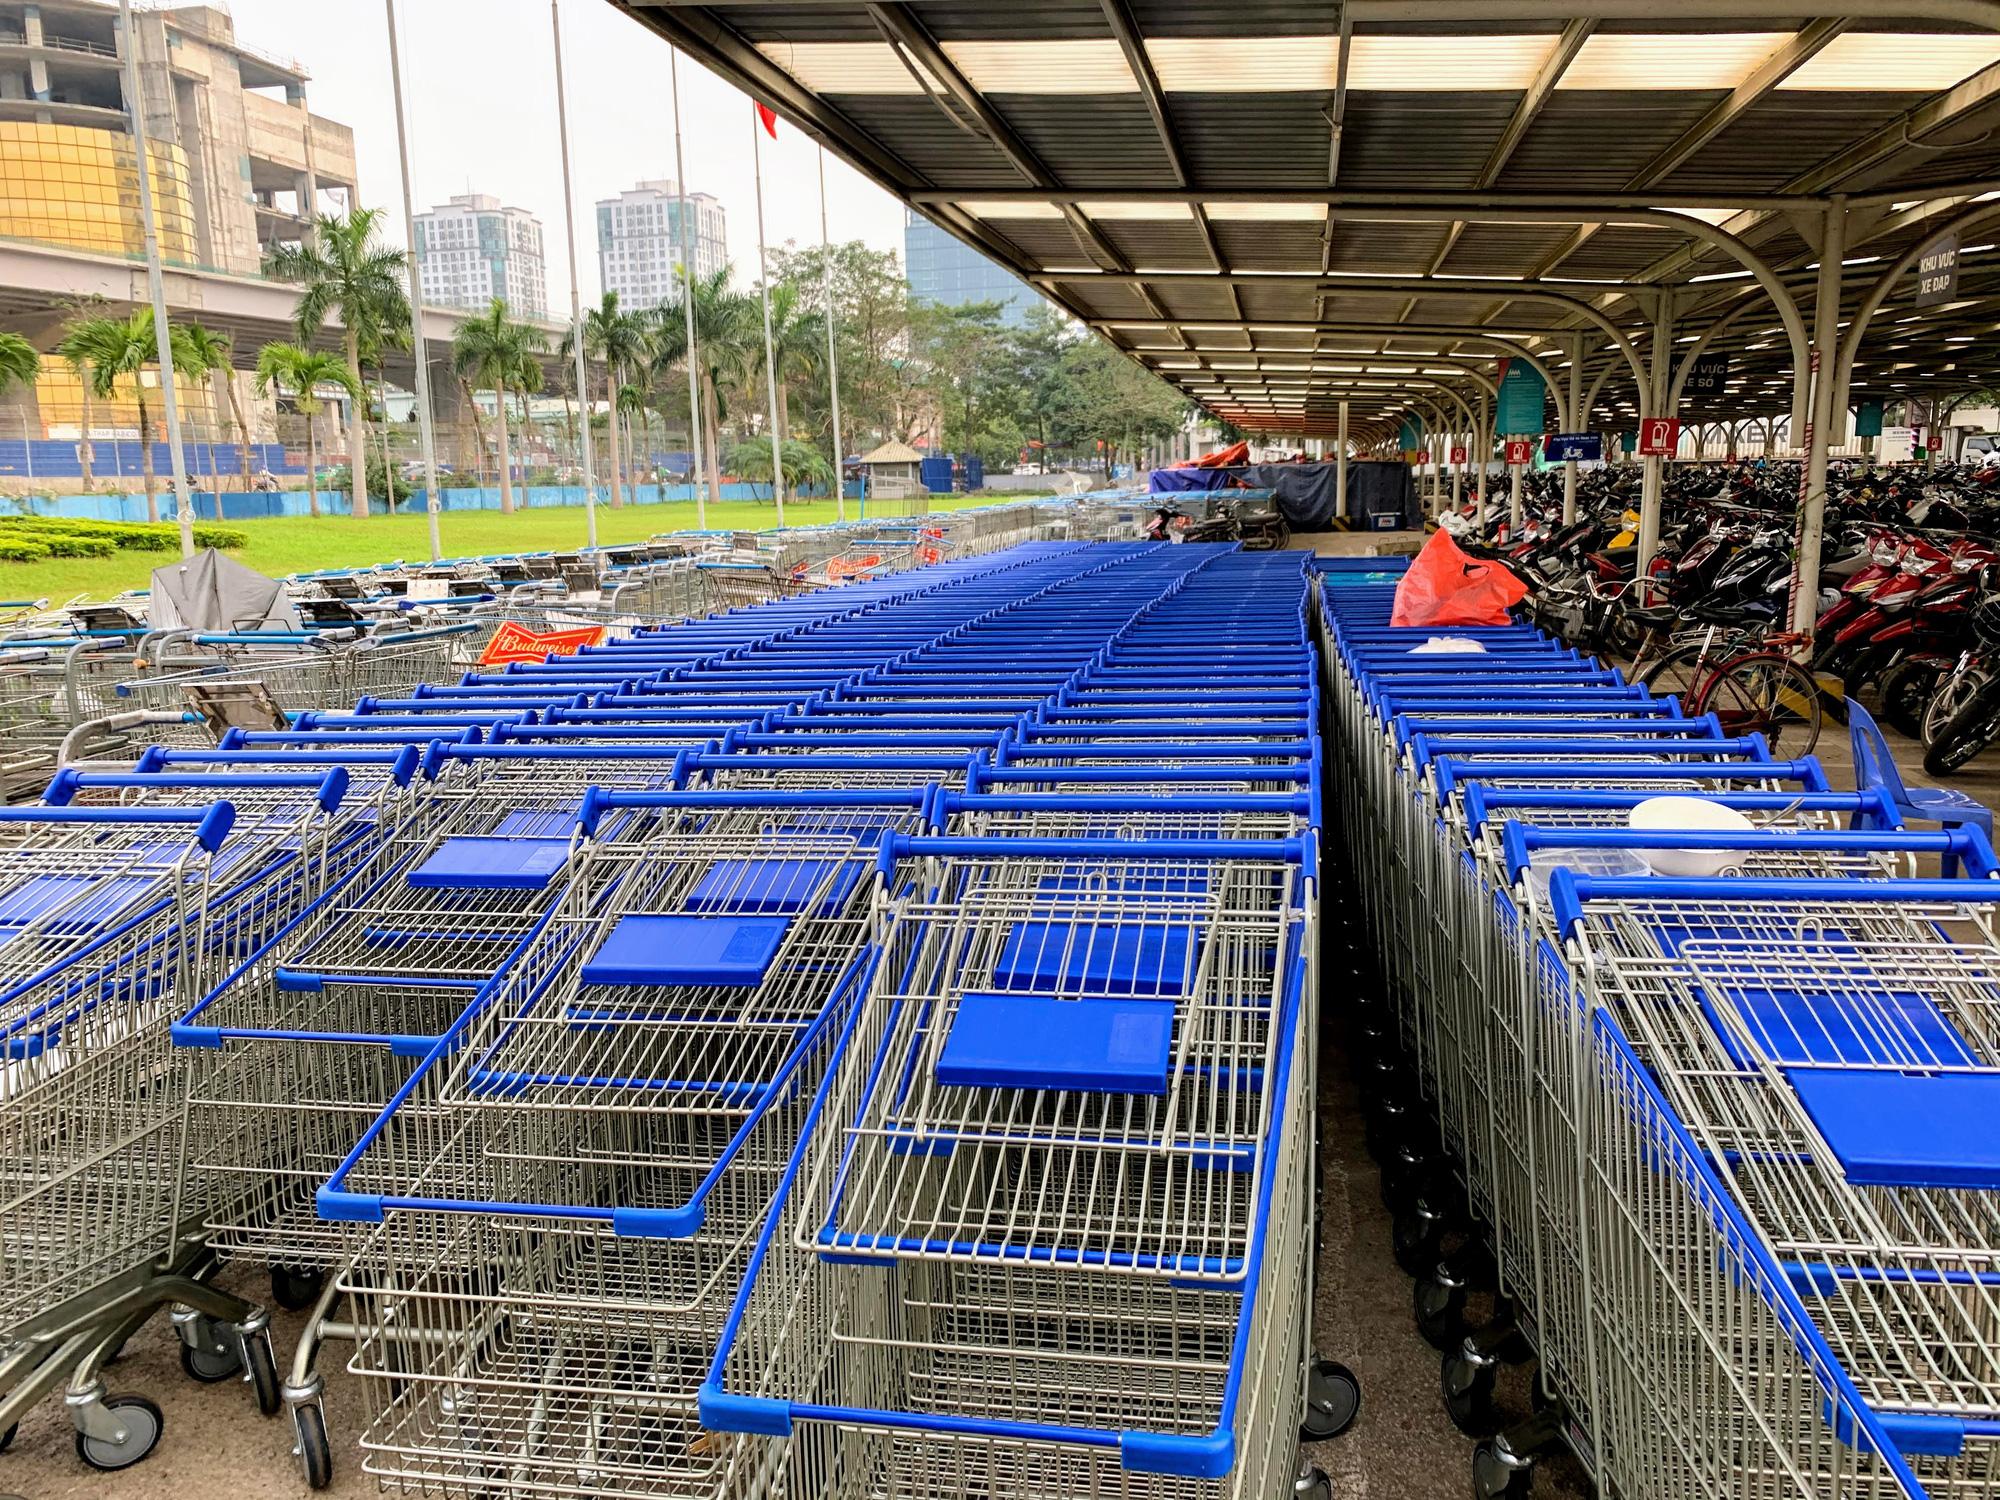 Siêu thị, trung tâm thương mại ở Hà Nội vắng tanh không một bóng người trước đại dịch virus corona - Ảnh 3.